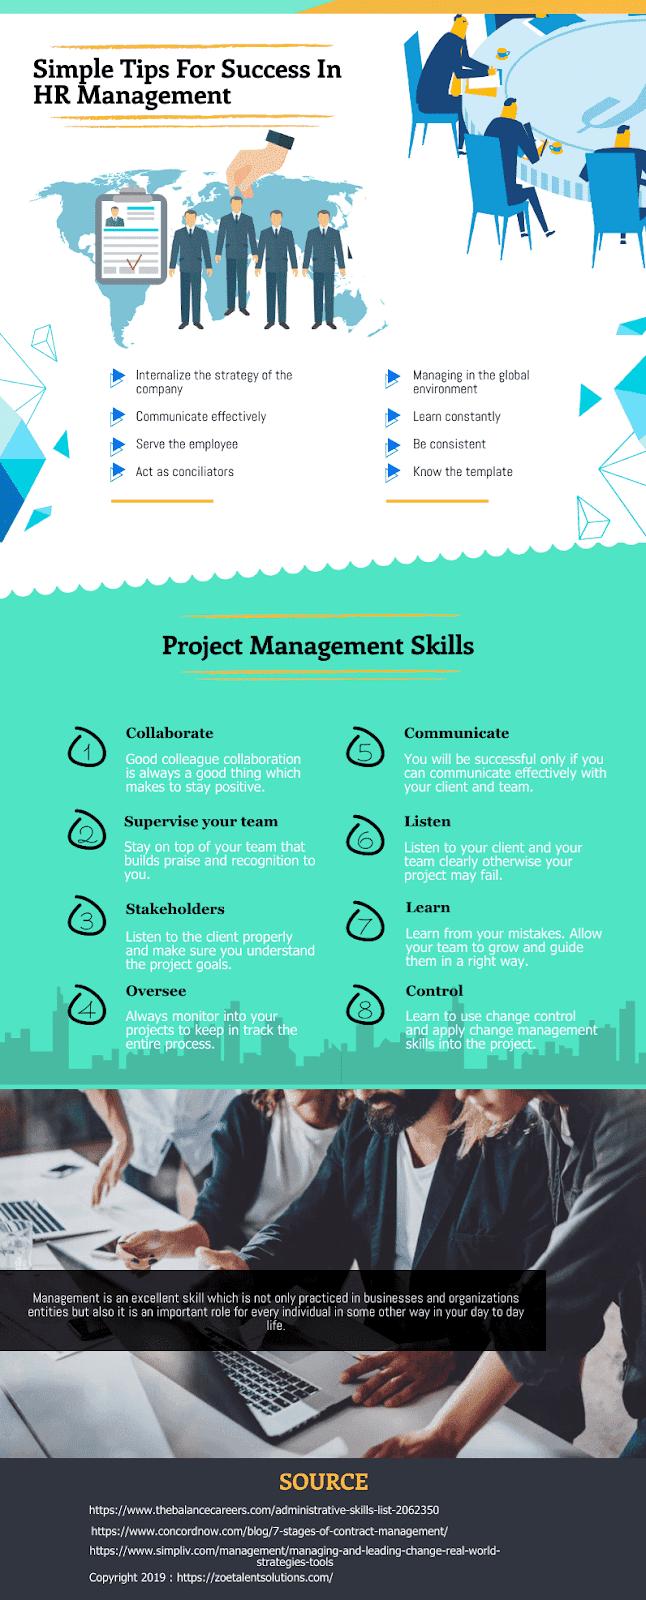 Tips for HR Management